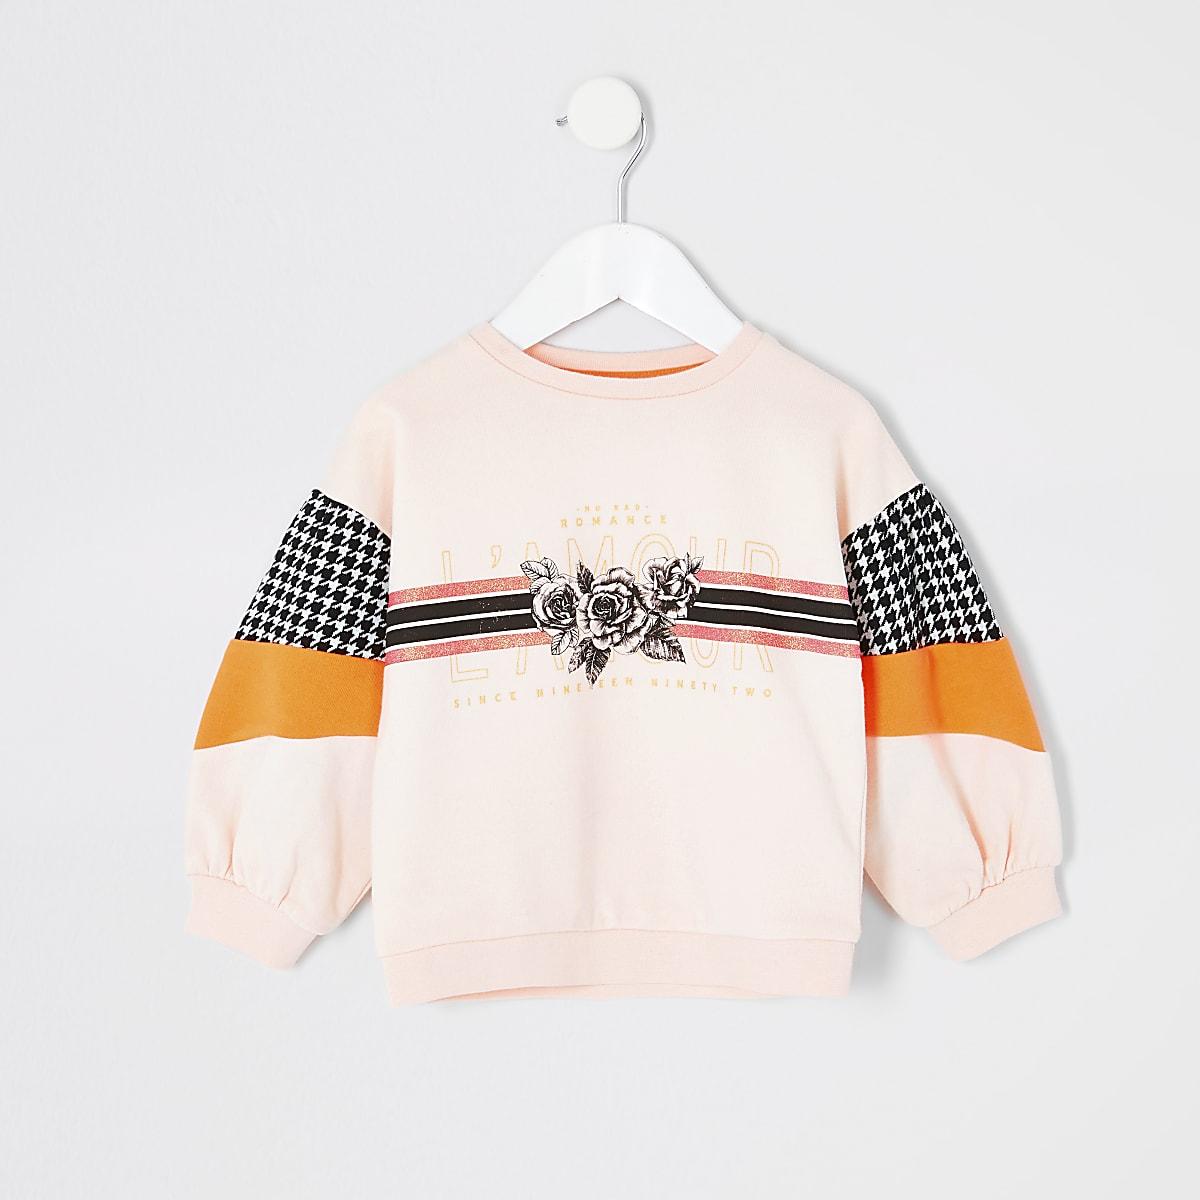 Mini - Sweatshirt met L'amour-print voor meisjes